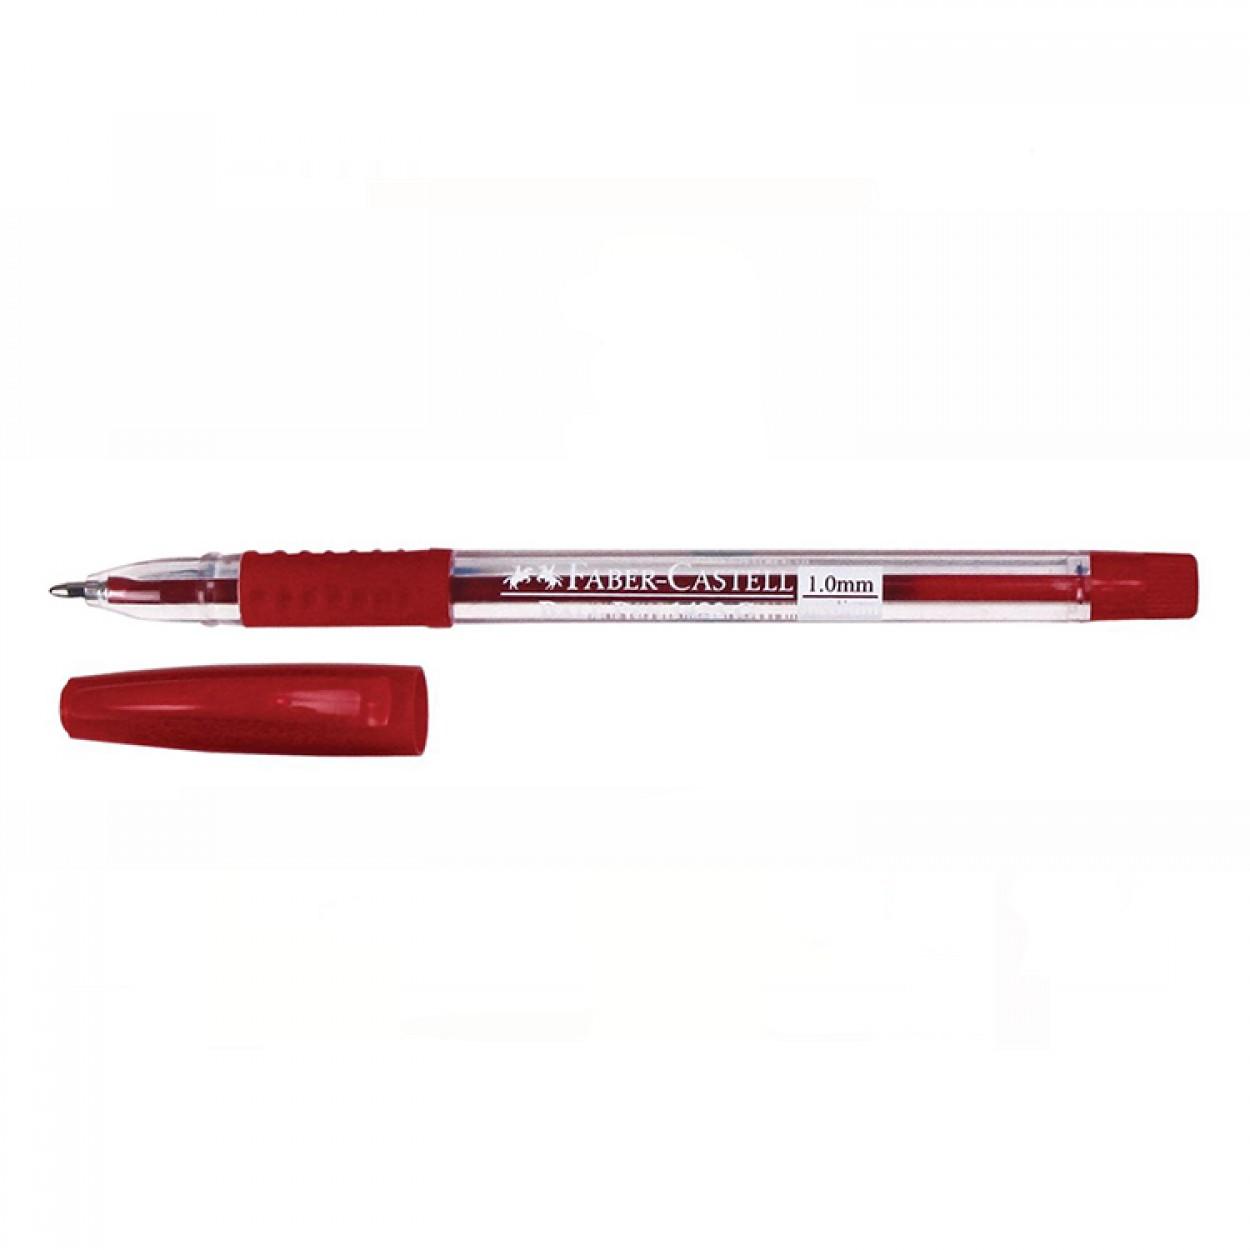 Faber-Castell 1423G Tükenmez Kalem 1.0mm 50'li Kırmızı